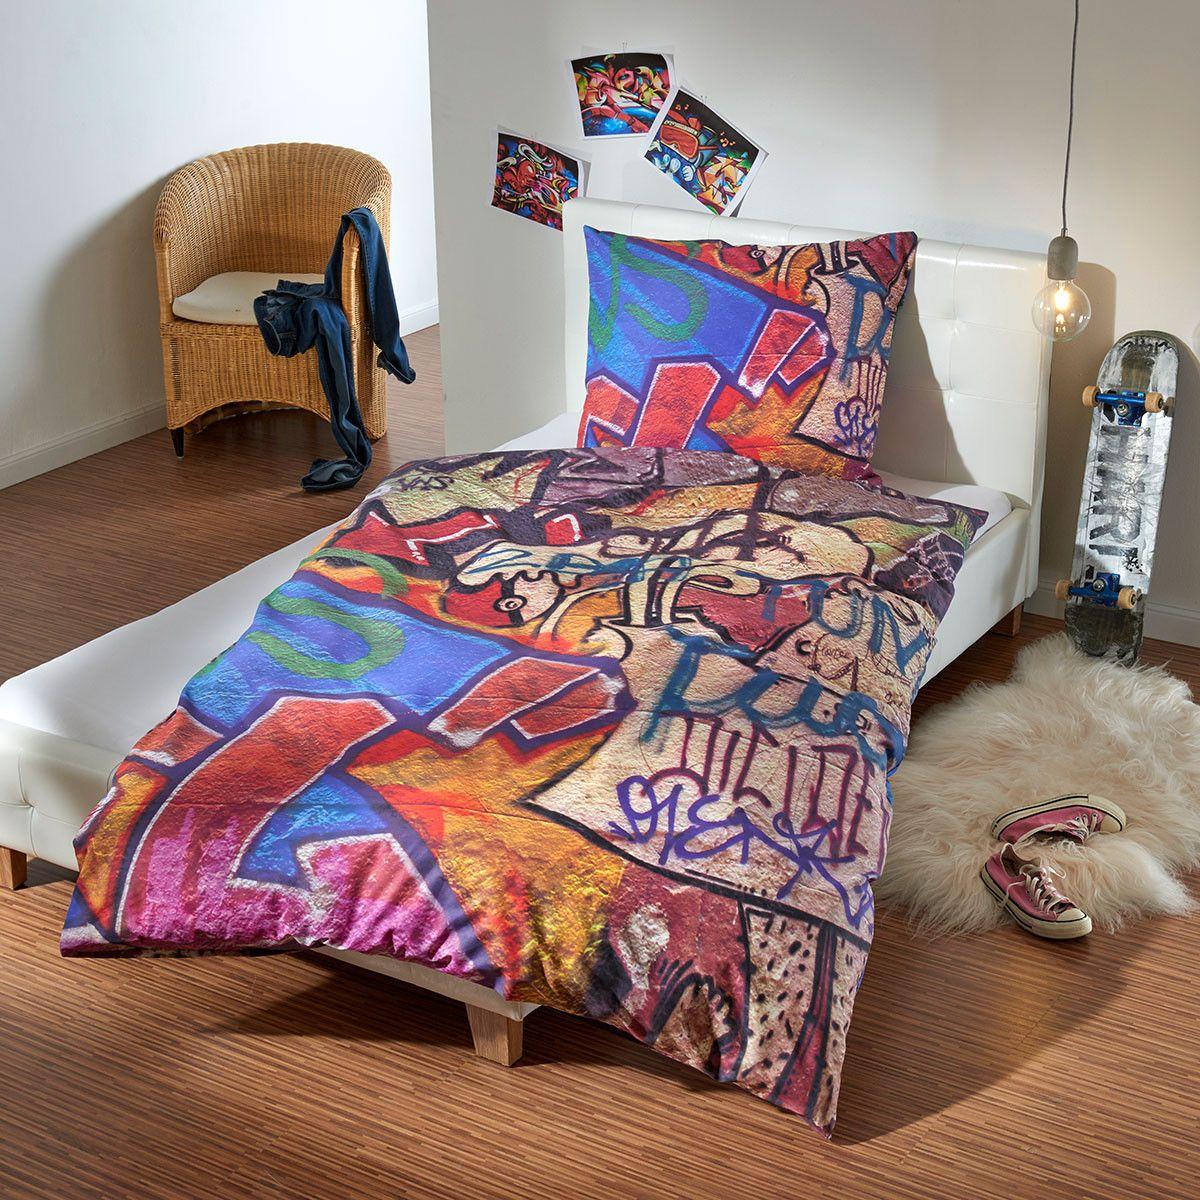 traumschlaf renforc bettw sche graffiti wall baumwollbettw sche moderne muster und graffiti. Black Bedroom Furniture Sets. Home Design Ideas